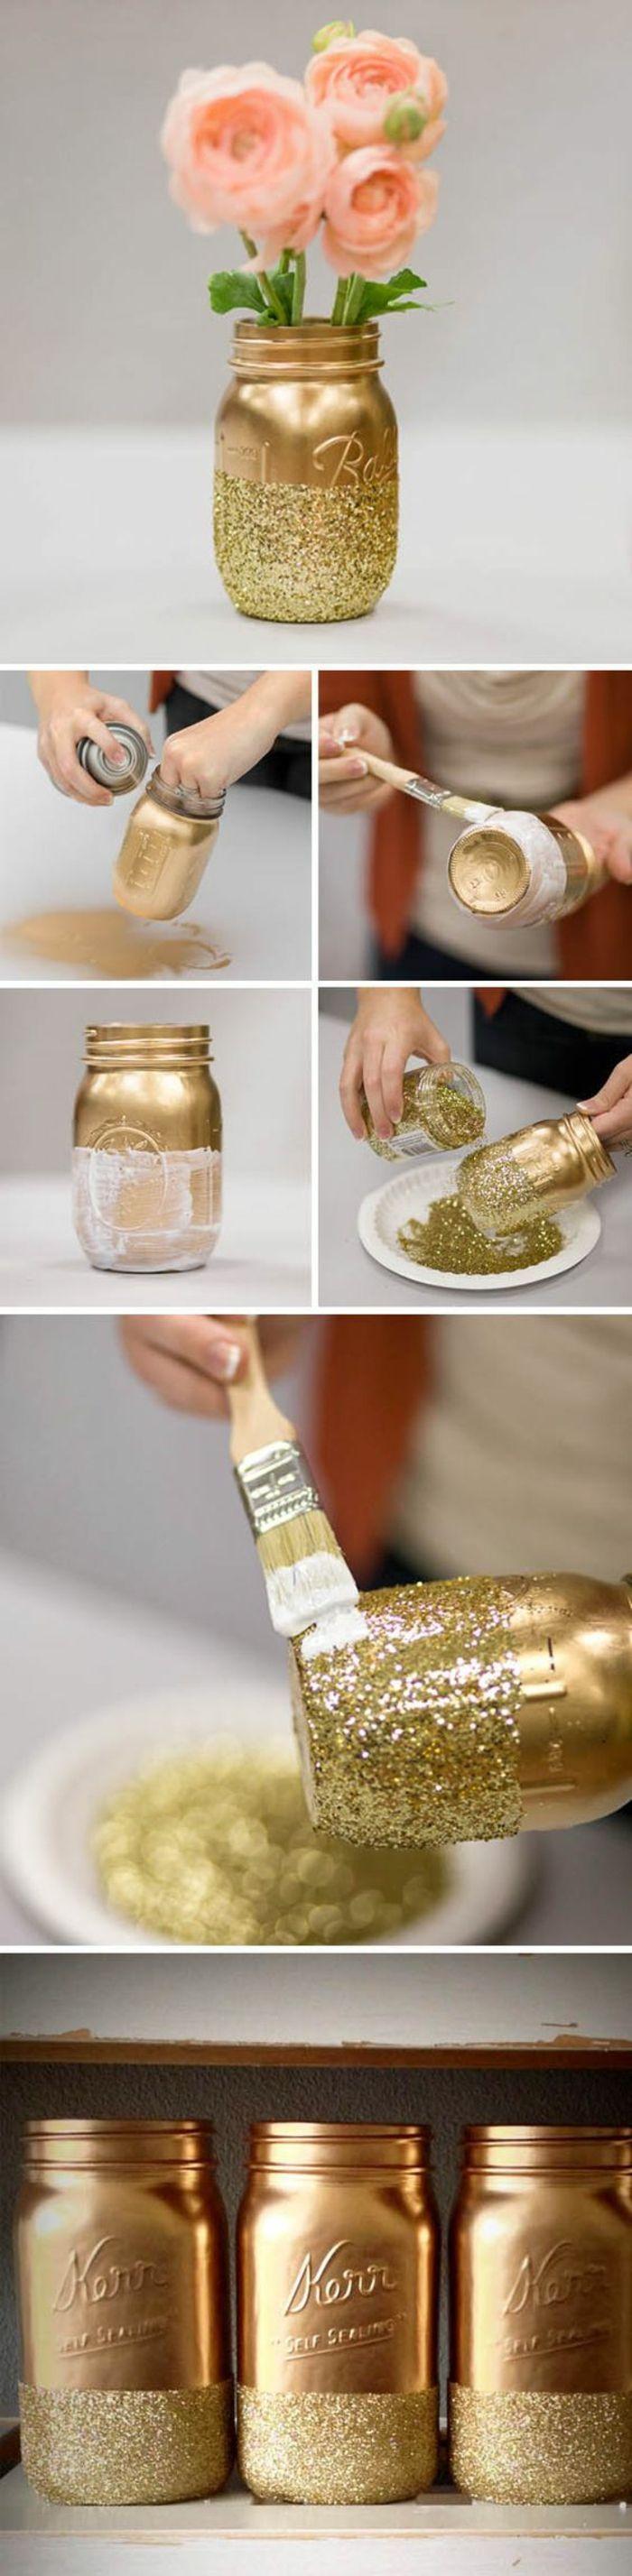 tischdeko selber machen vase aus einmachglas dekoriert mit goldener sprayfarbe und glitzer. Black Bedroom Furniture Sets. Home Design Ideas